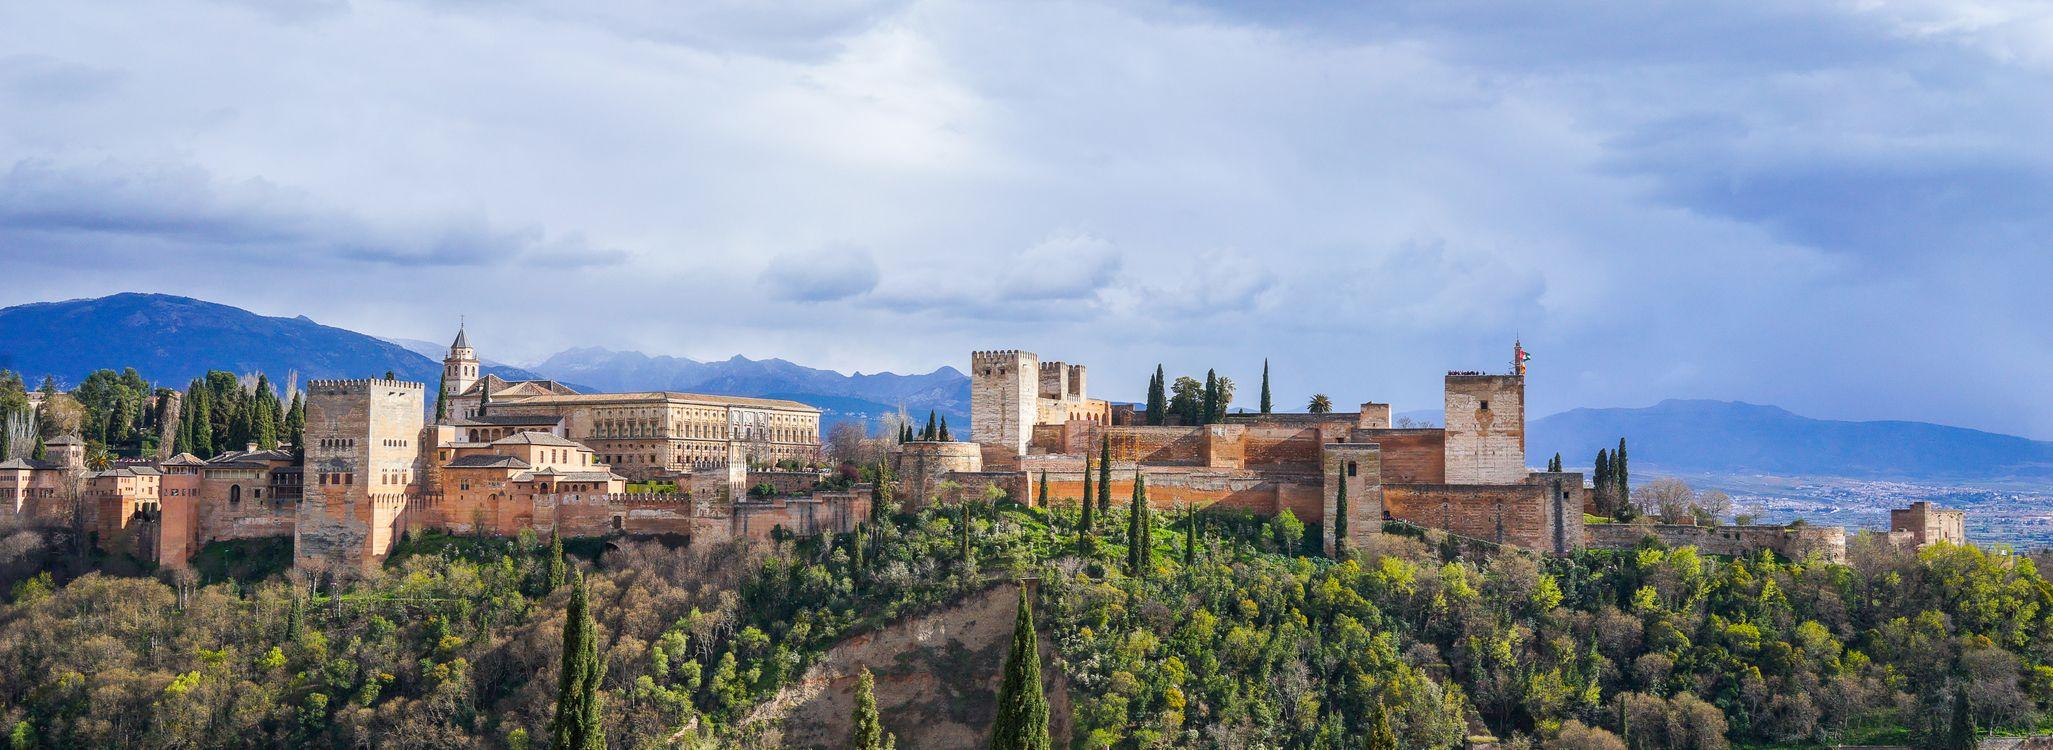 Фото бесплатно Гранада, Alhambra, Испания, панорама, город